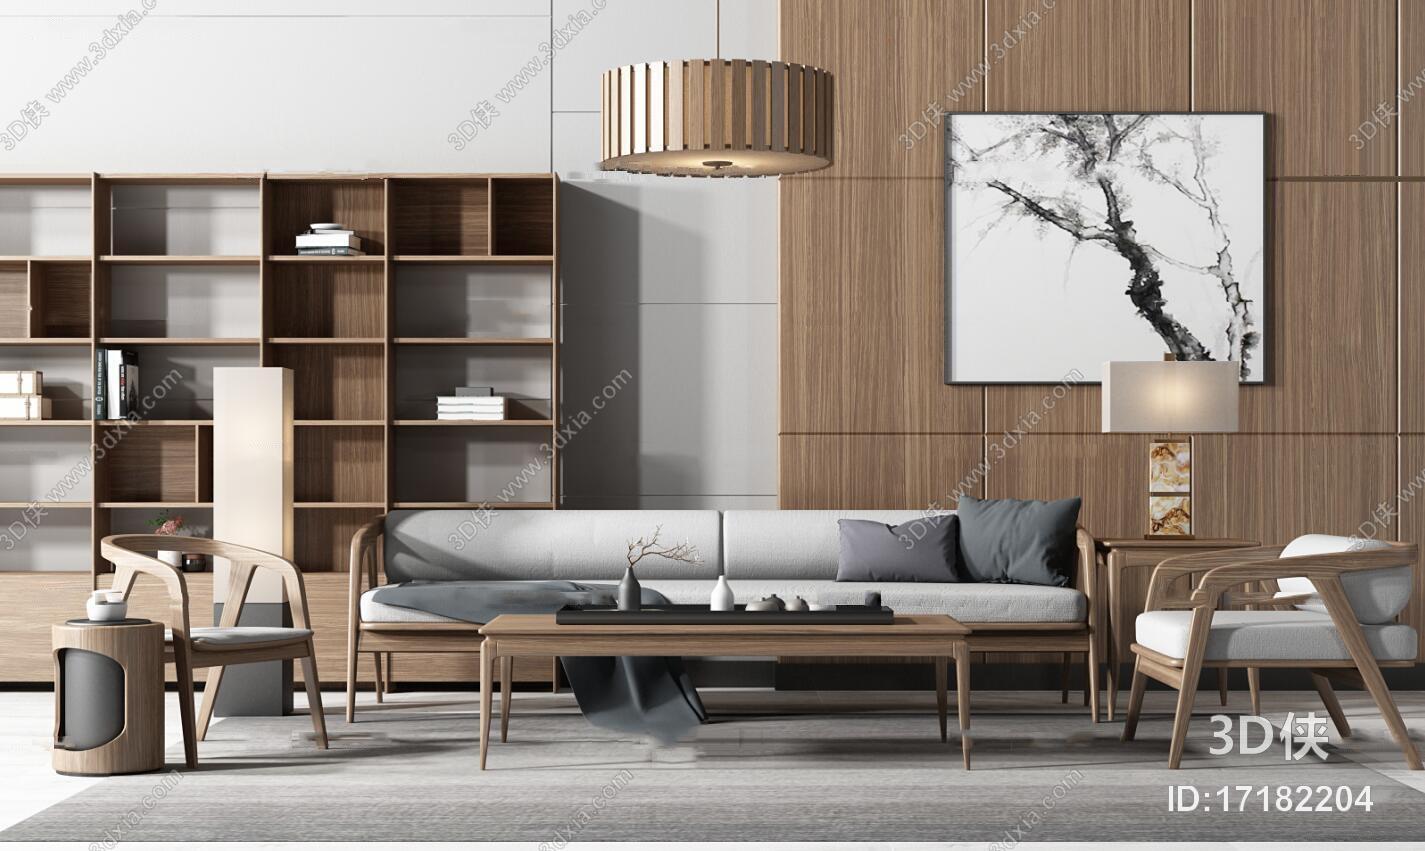 北欧实木沙发休闲椅茶几装饰柜组合3D模型